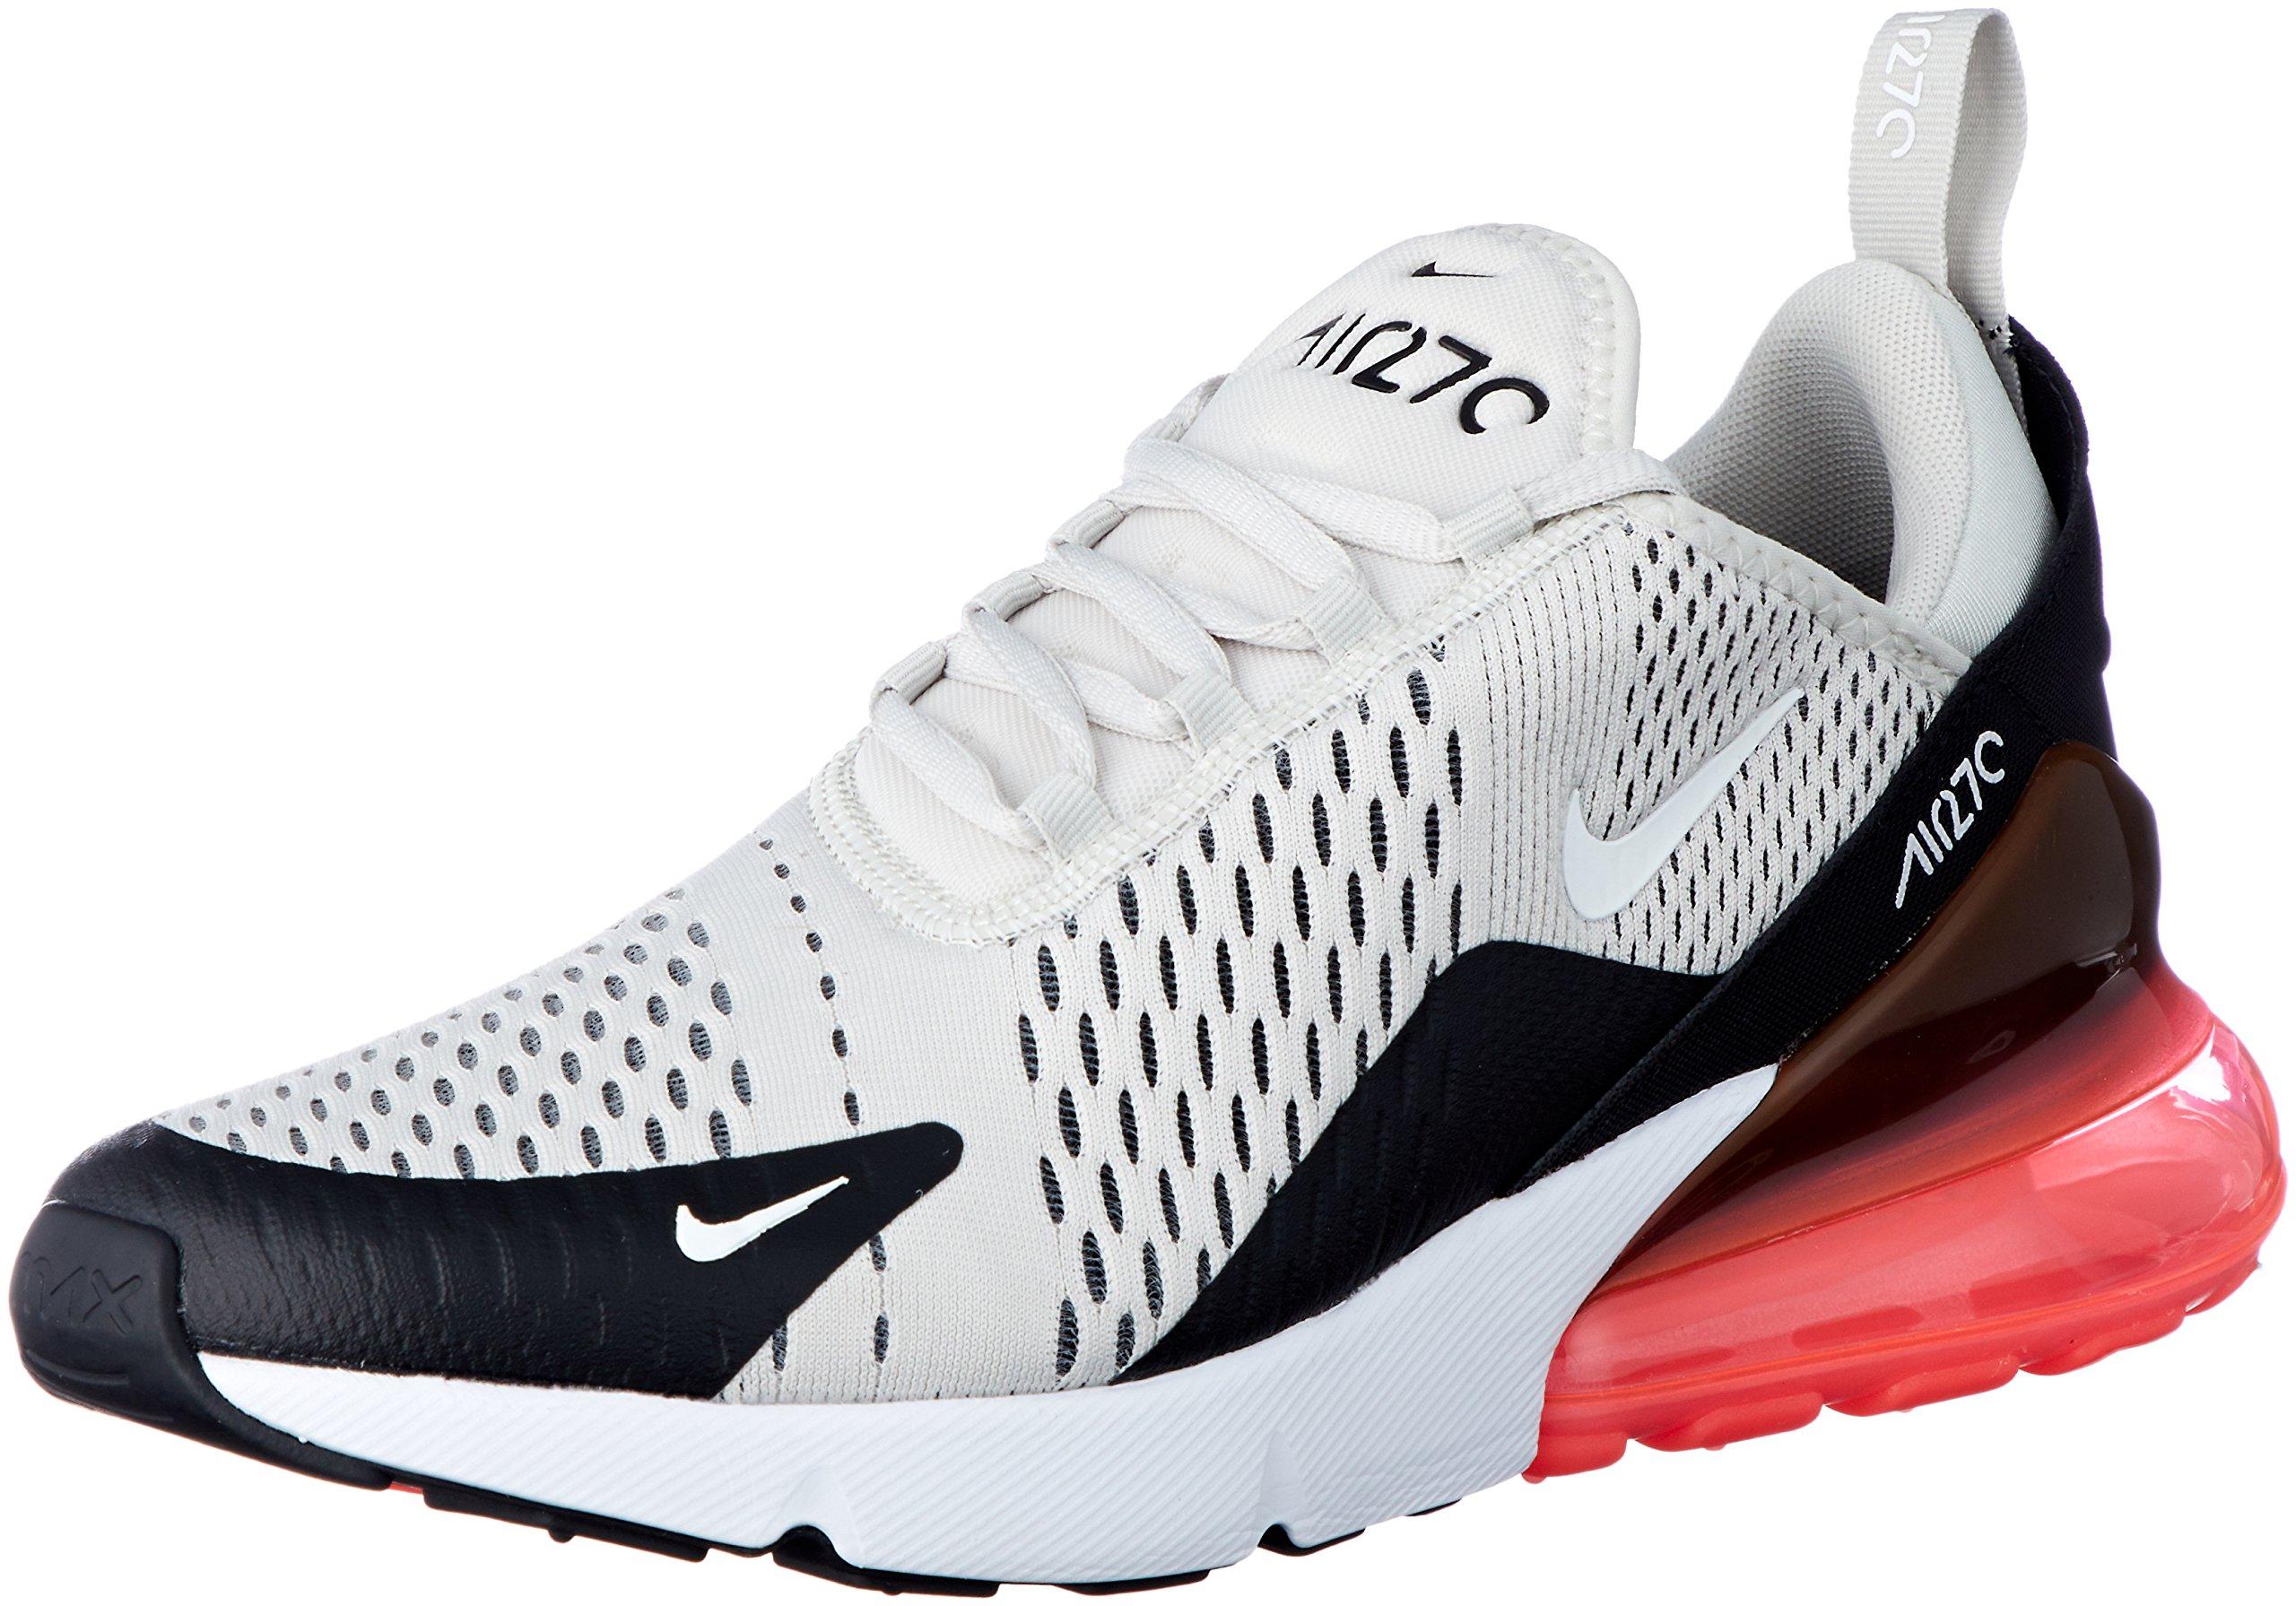 low priced d11b1 0647f Nike Air Max 270 - US 10.5